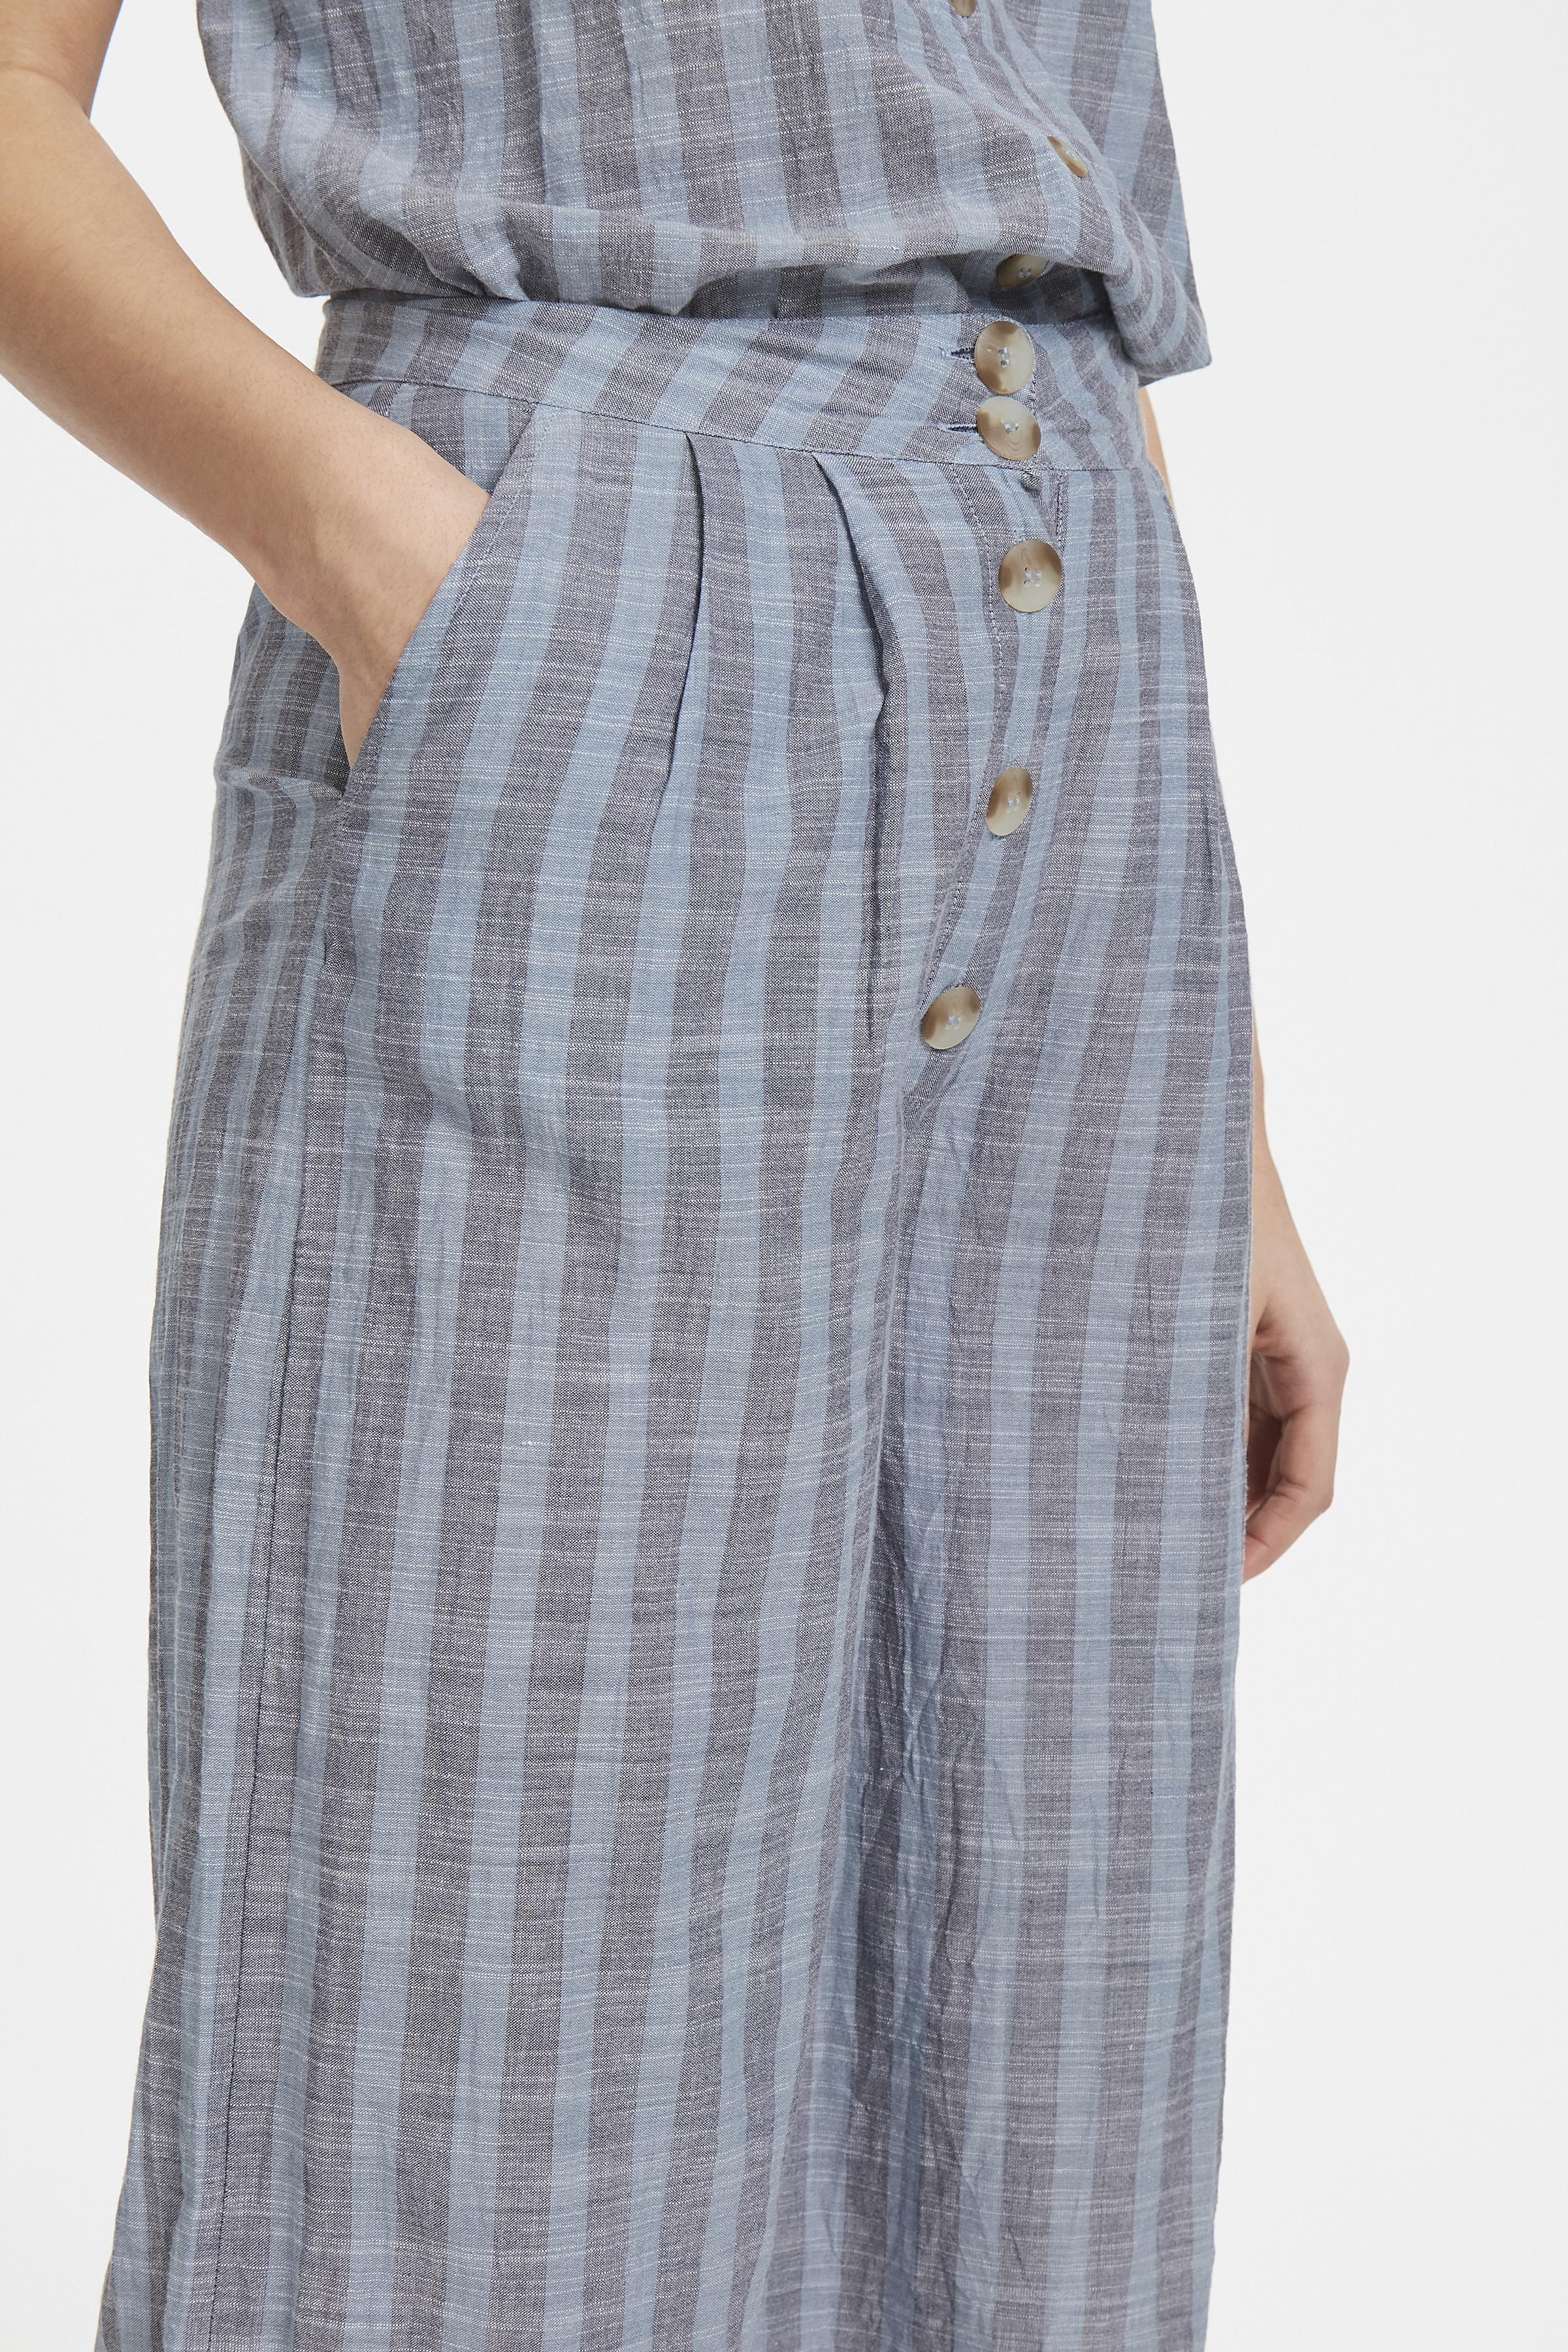 Blue Mirage Pants Casual – Køb Blue Mirage Pants Casual fra str. 34-42 her